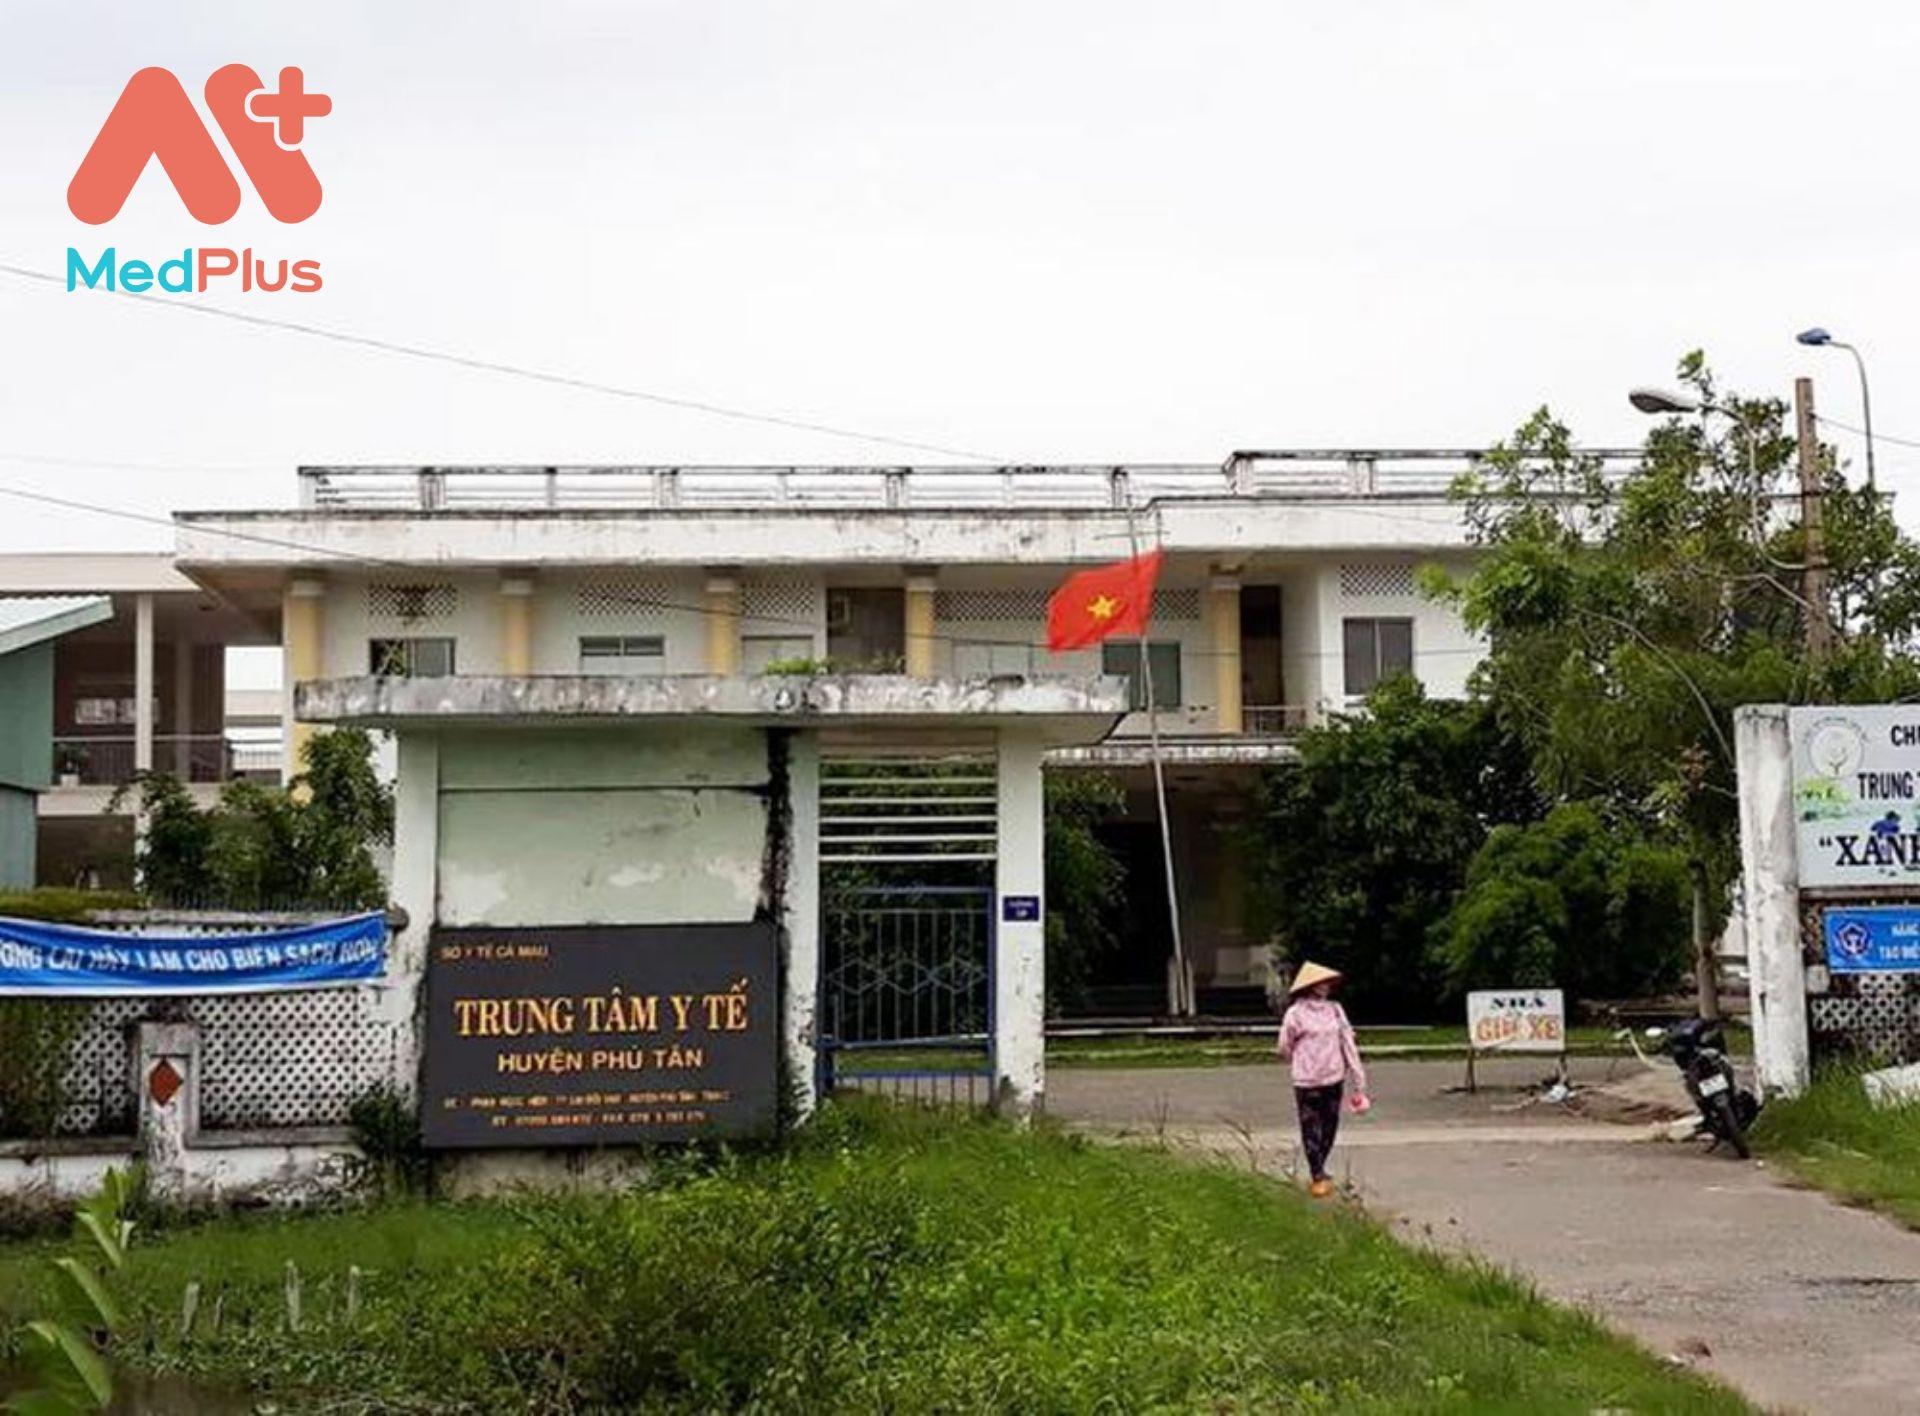 Trung tâm y tế khu vực Phú Tân, tỉnh Cà Mau